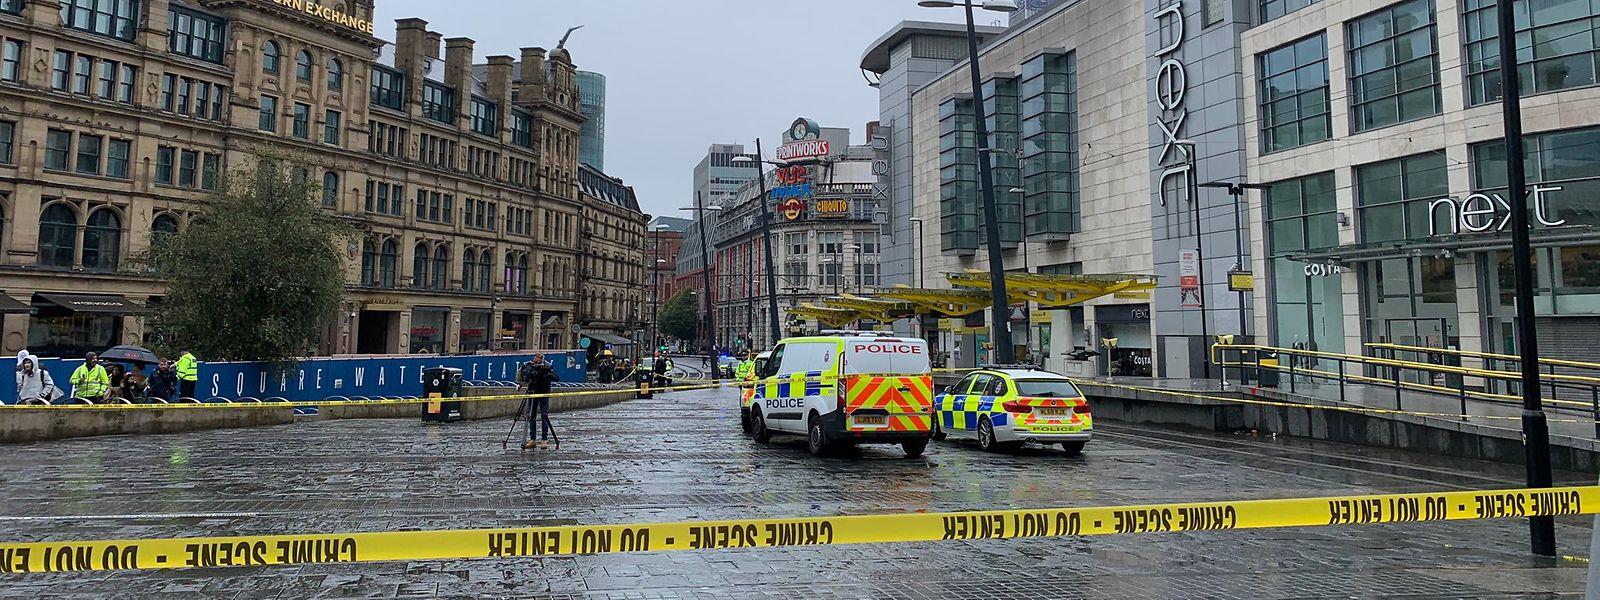 Manchester: Der Tatort ist mit Absperrband abgesperrt, Polizeifahrzeuge stehen daneben. In Manchester sind bei einem Messerangriff ersten Ermittlungen zufolge mehrere Menschen verletzt worden.